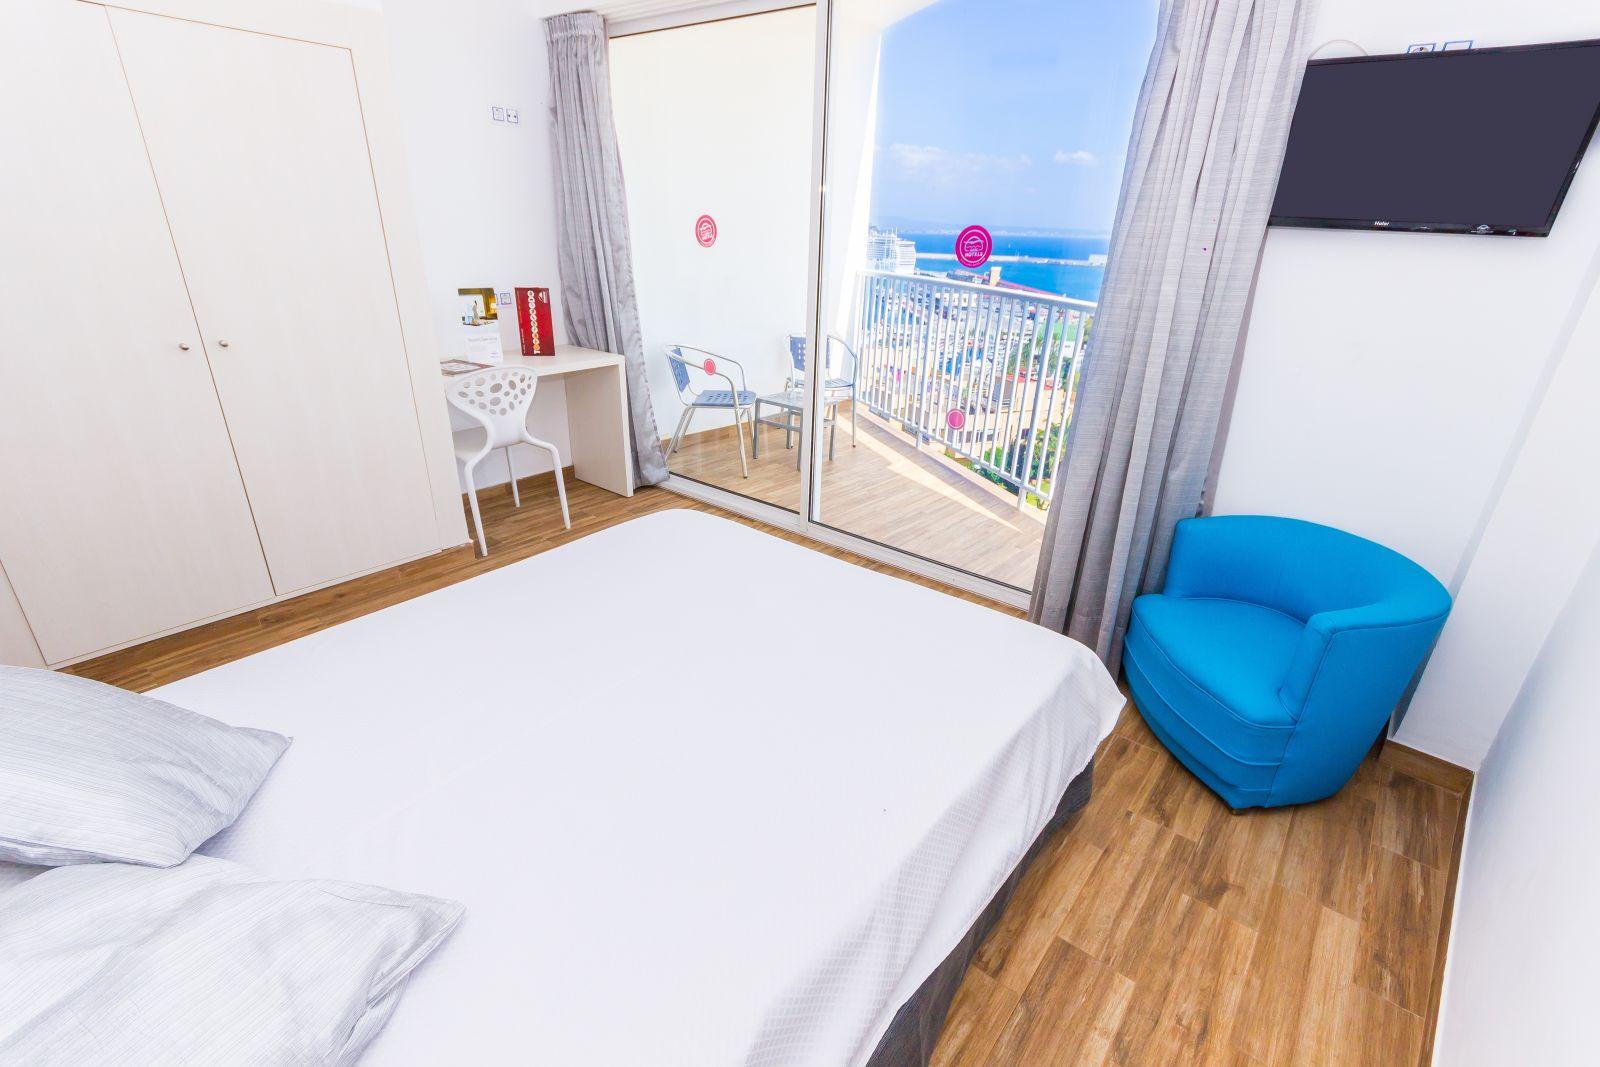 Hotel amic horizonte habitaciones vista mar for Habitacion de hotel bajo el mar